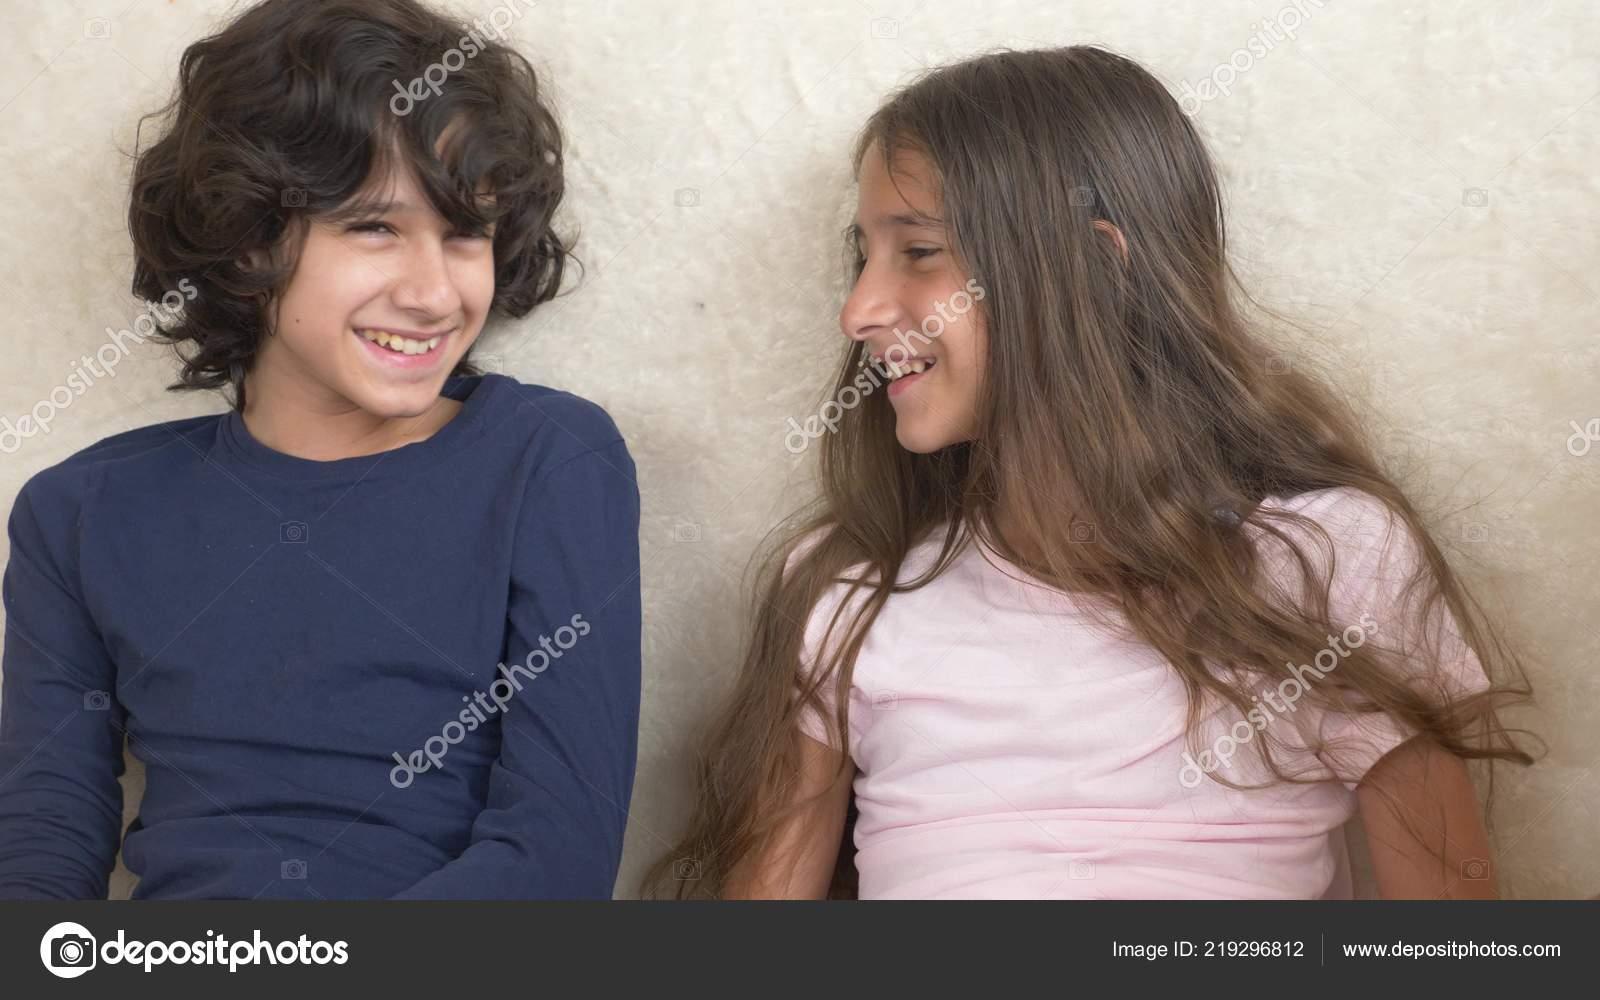 Сестра соблозняет брата, Сестра соблазнила своего брата - смотреть порно 19 фотография